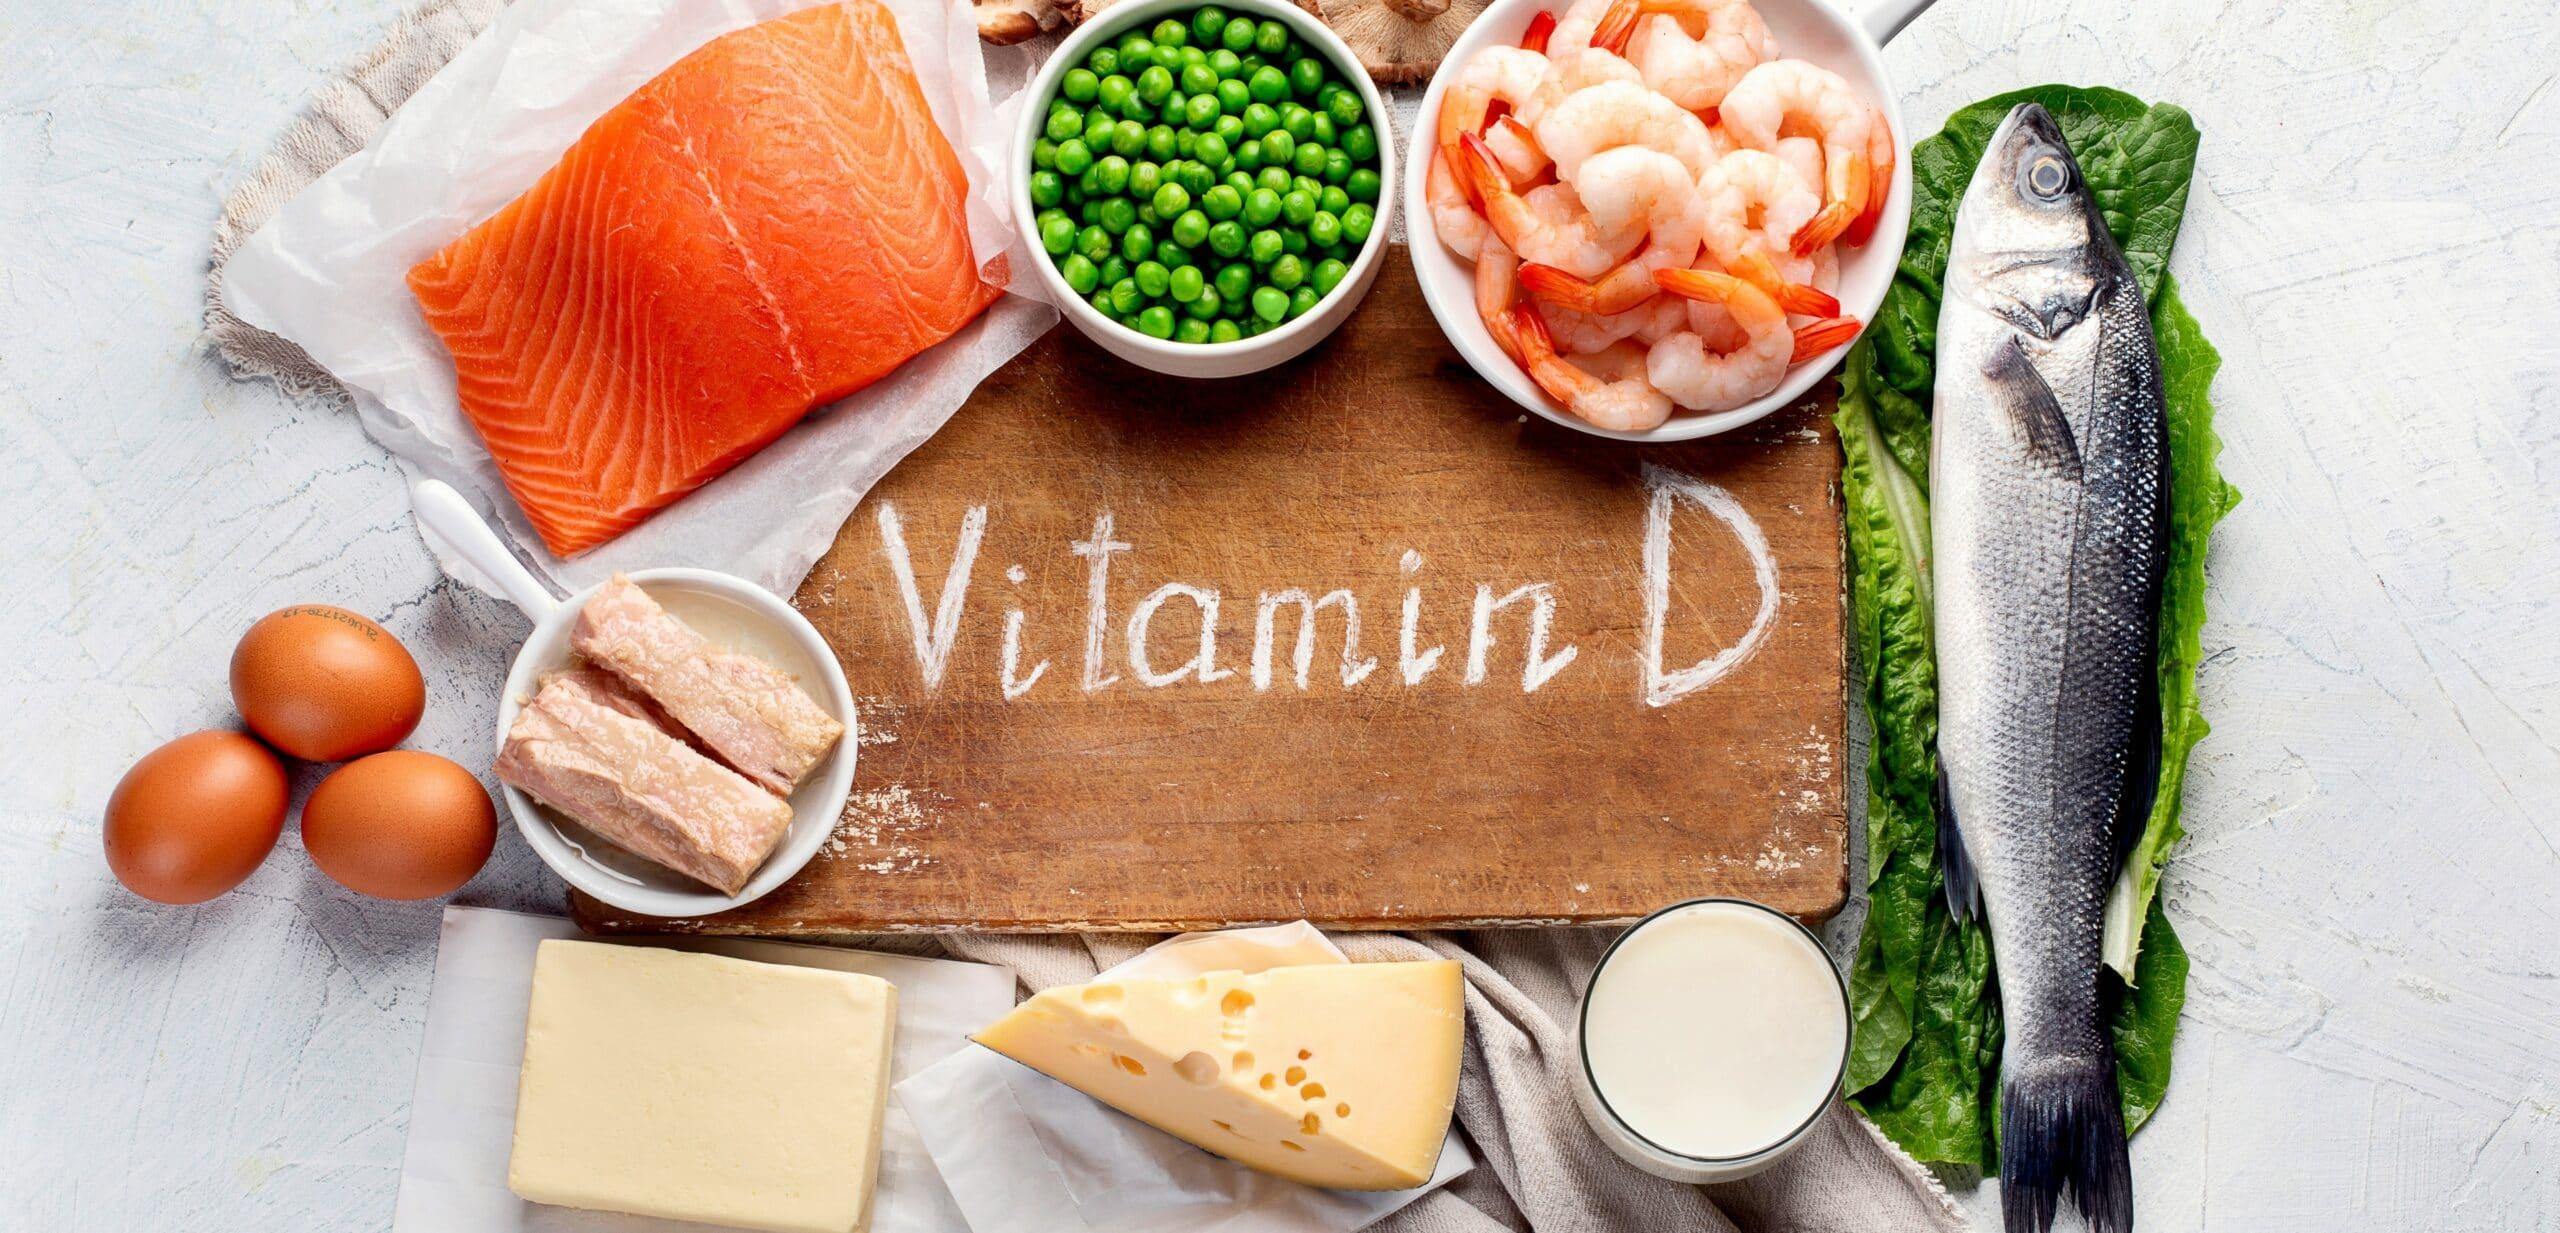 vitamina d e alimenti nella dieta